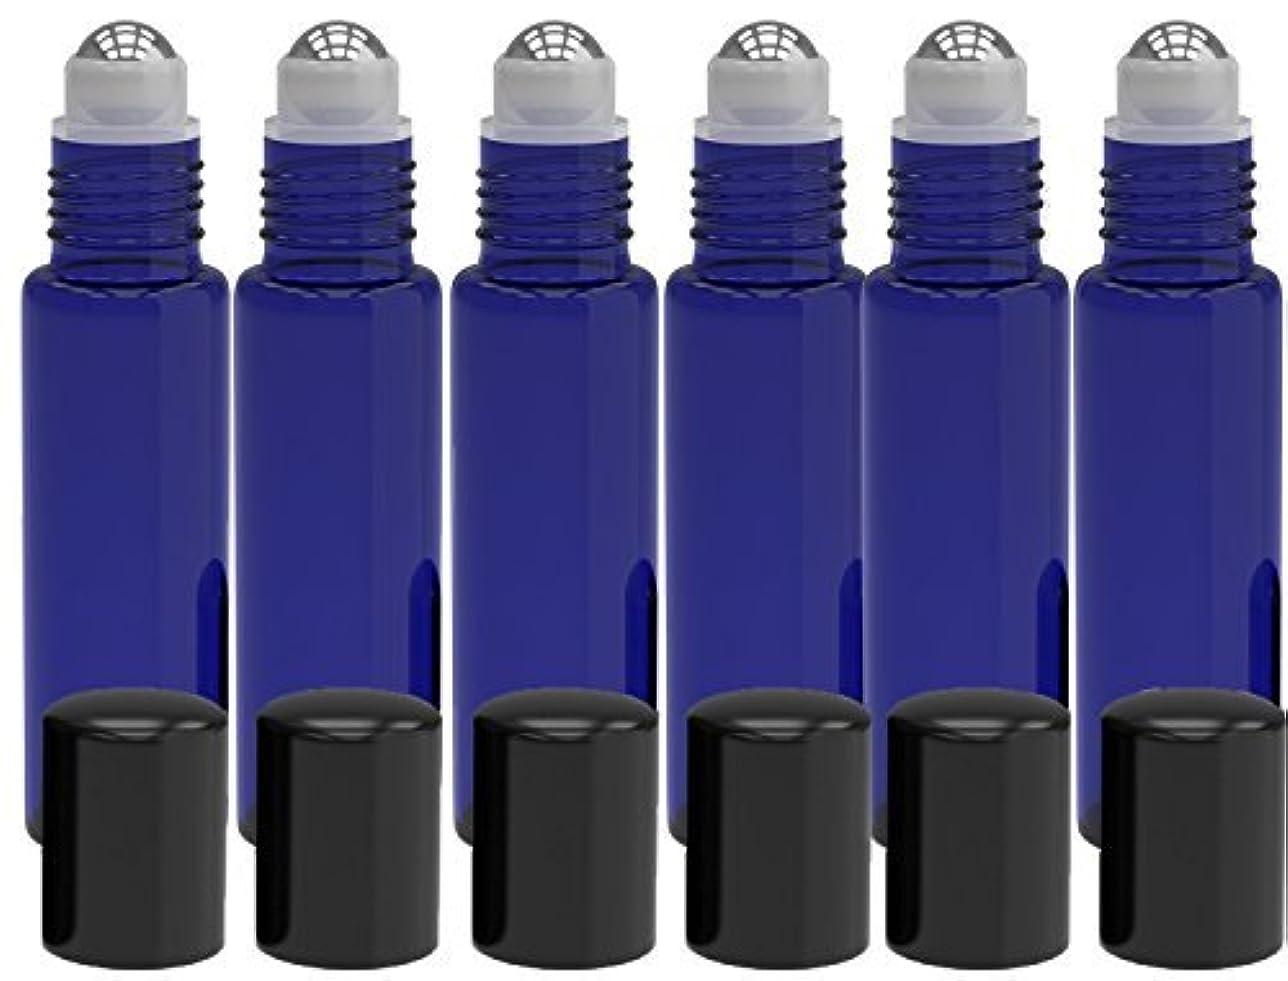 パケットスケッチ配当6 Pack - Empty Roll on Glass Bottles [STAINLESS STEEL ROLLER] 10ml Refillable Color Roll On for Fragrance Essential...